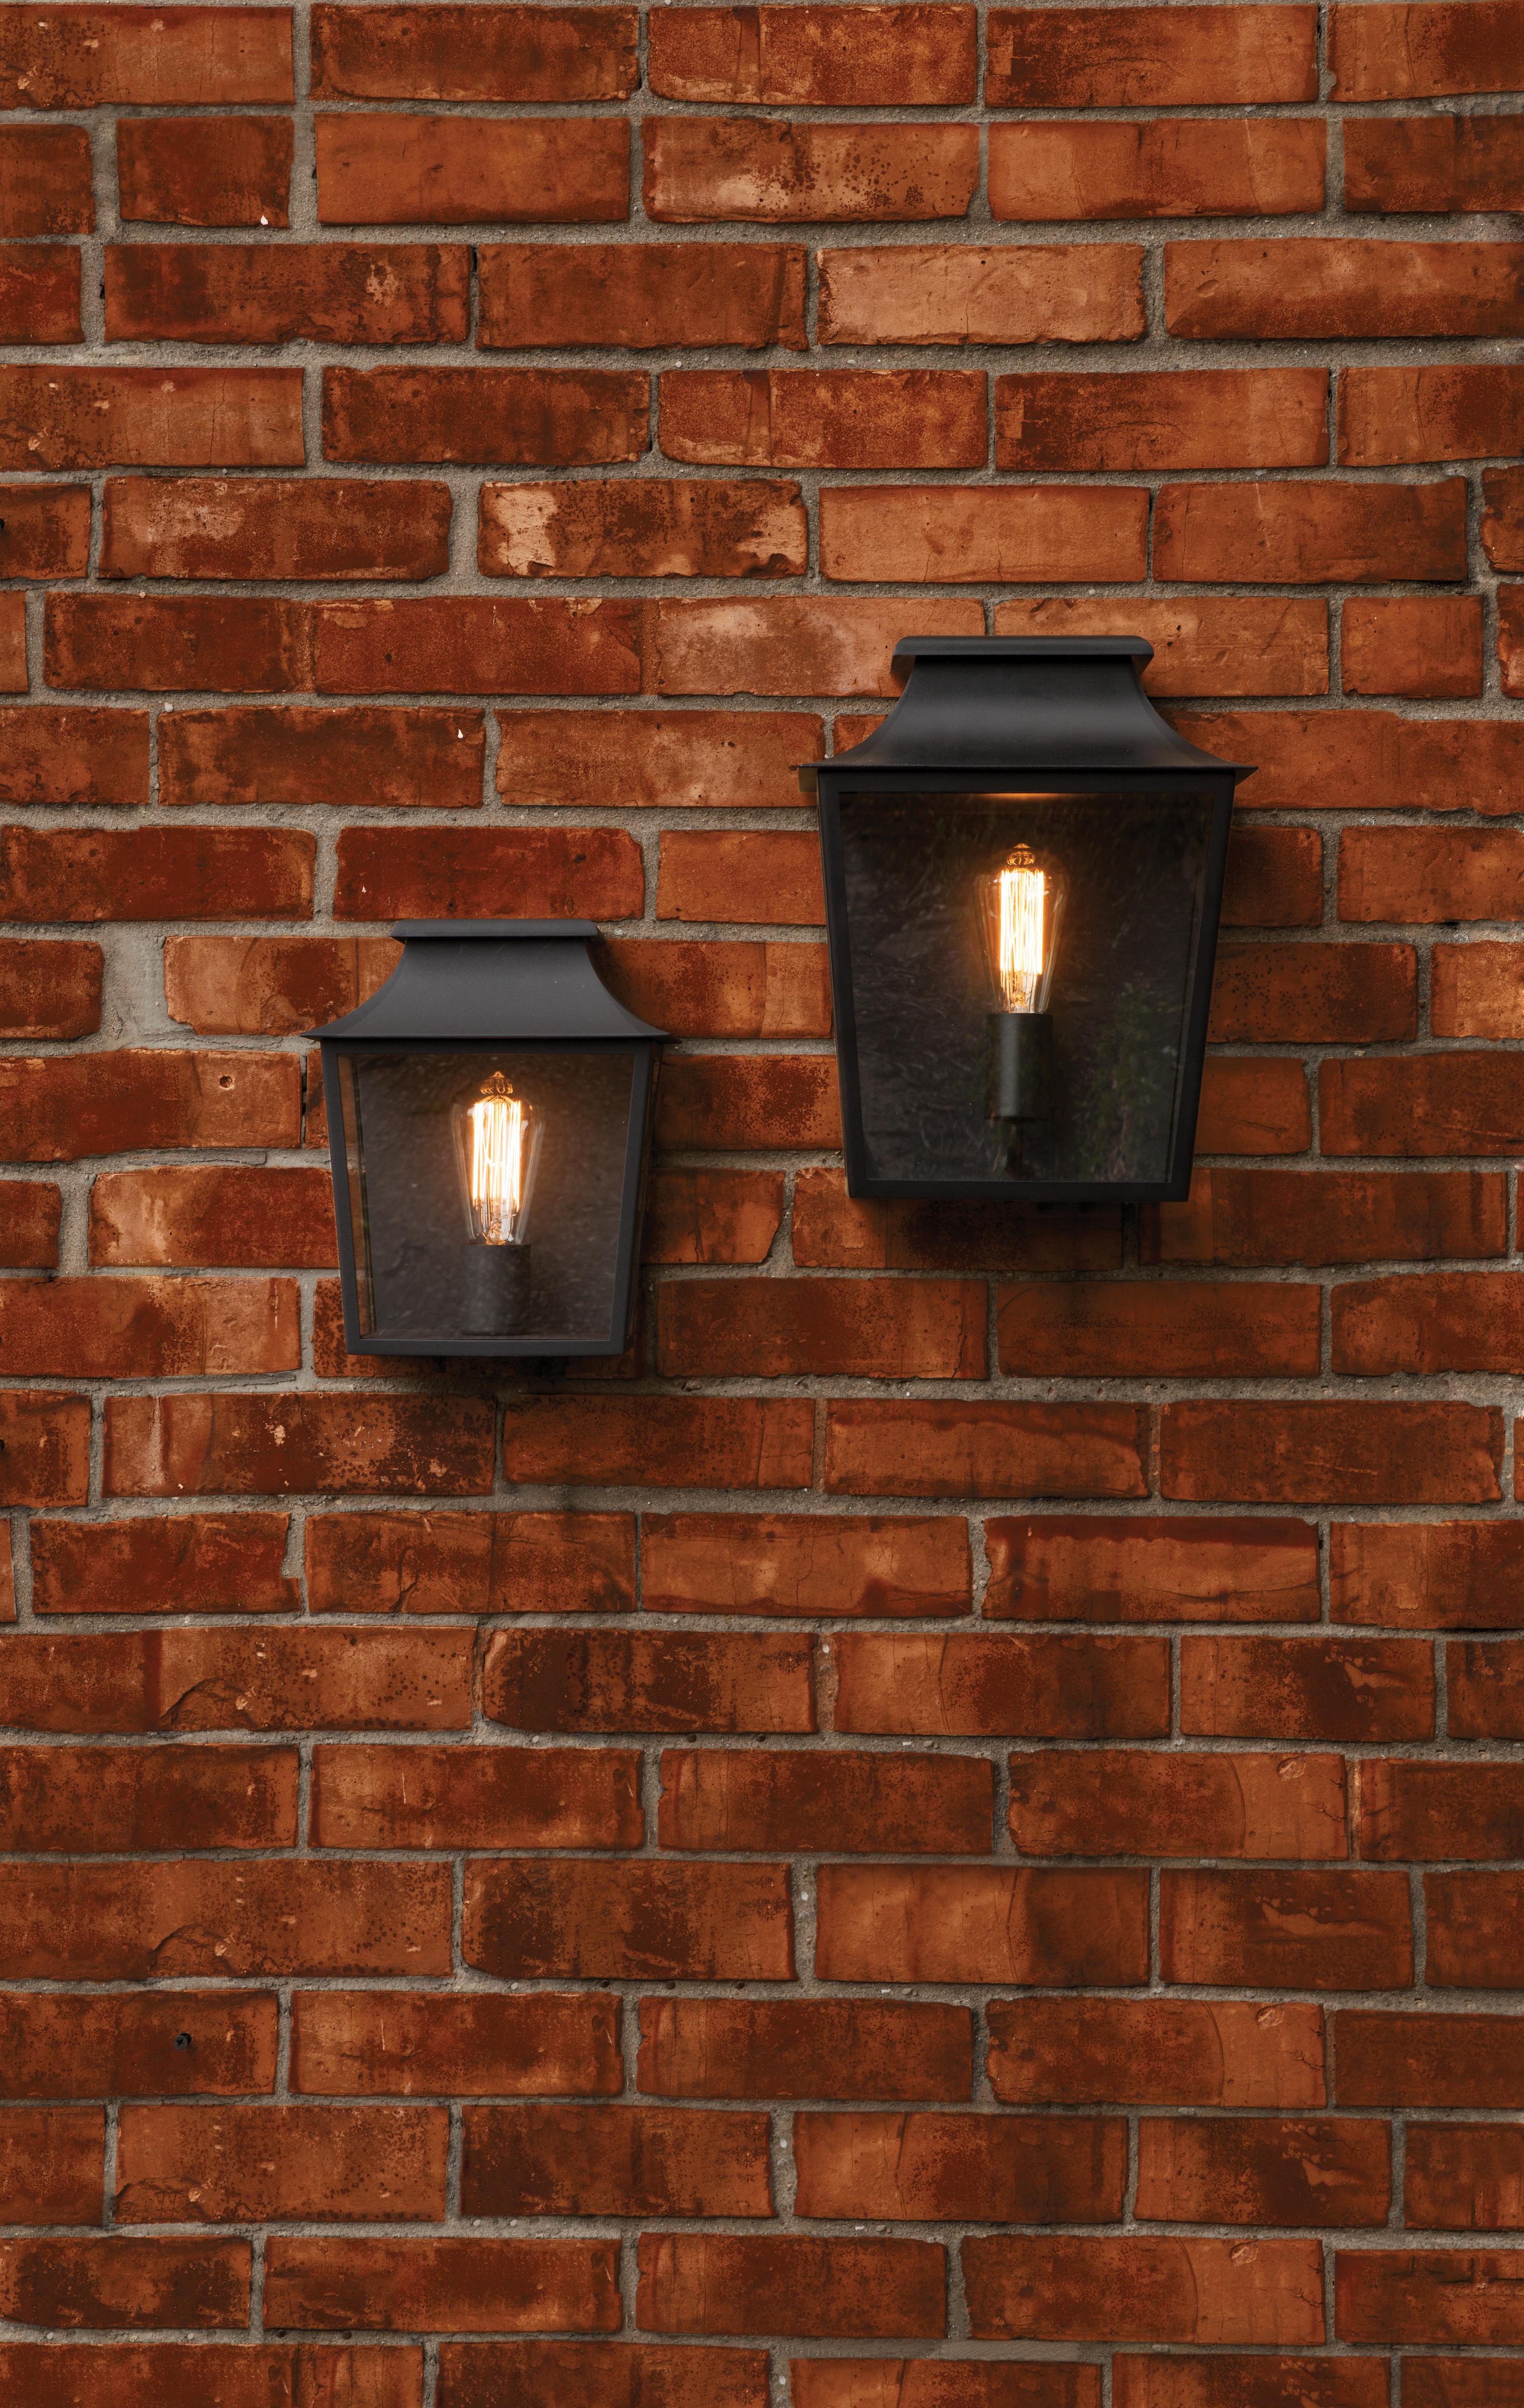 Настенный фонарь Astro Richmond 1340001 (7270), IP44, 1xE27x60W, черный, прозрачный, стекло - фото 3